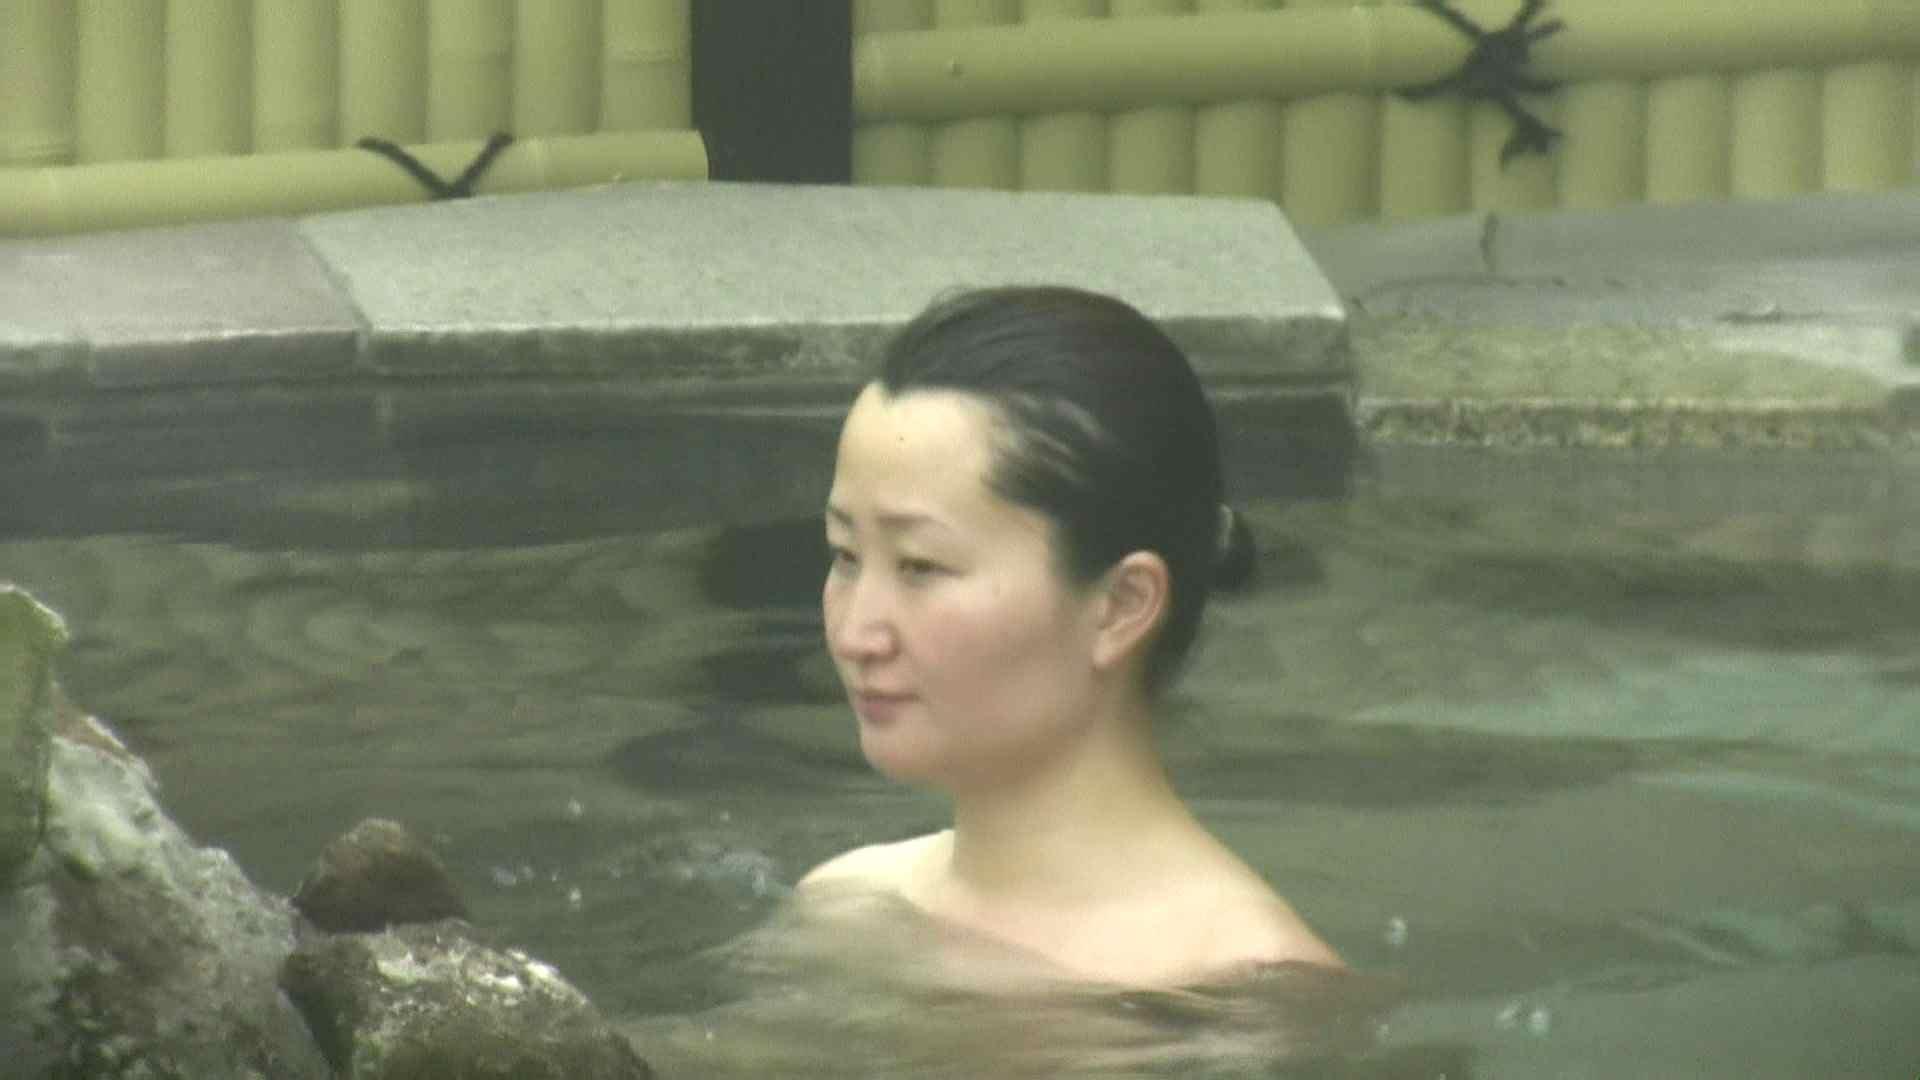 Aquaな露天風呂Vol.632 女体盗撮  75連発 24